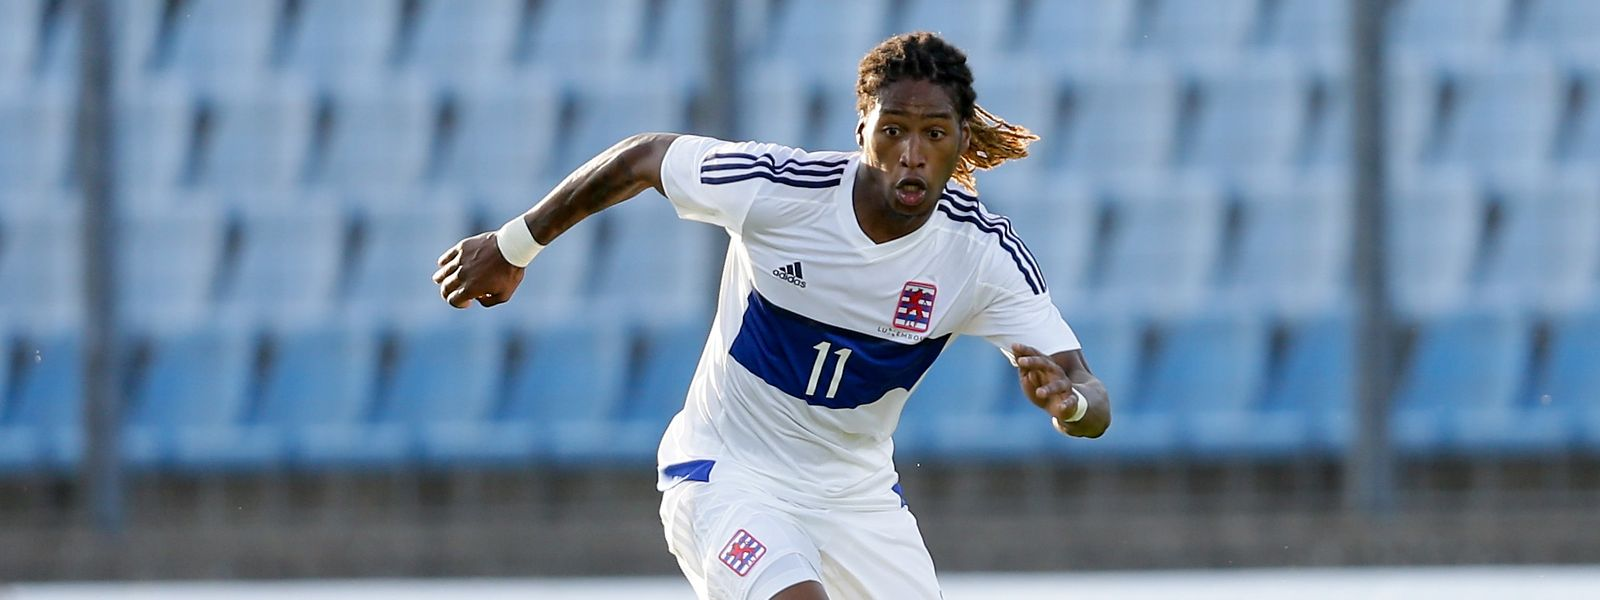 Am vergangenen Donnerstag stand Gerson Rodrigues gegen Senegal noch auf dem Platz, nun wurde er nach Hause geschickt.